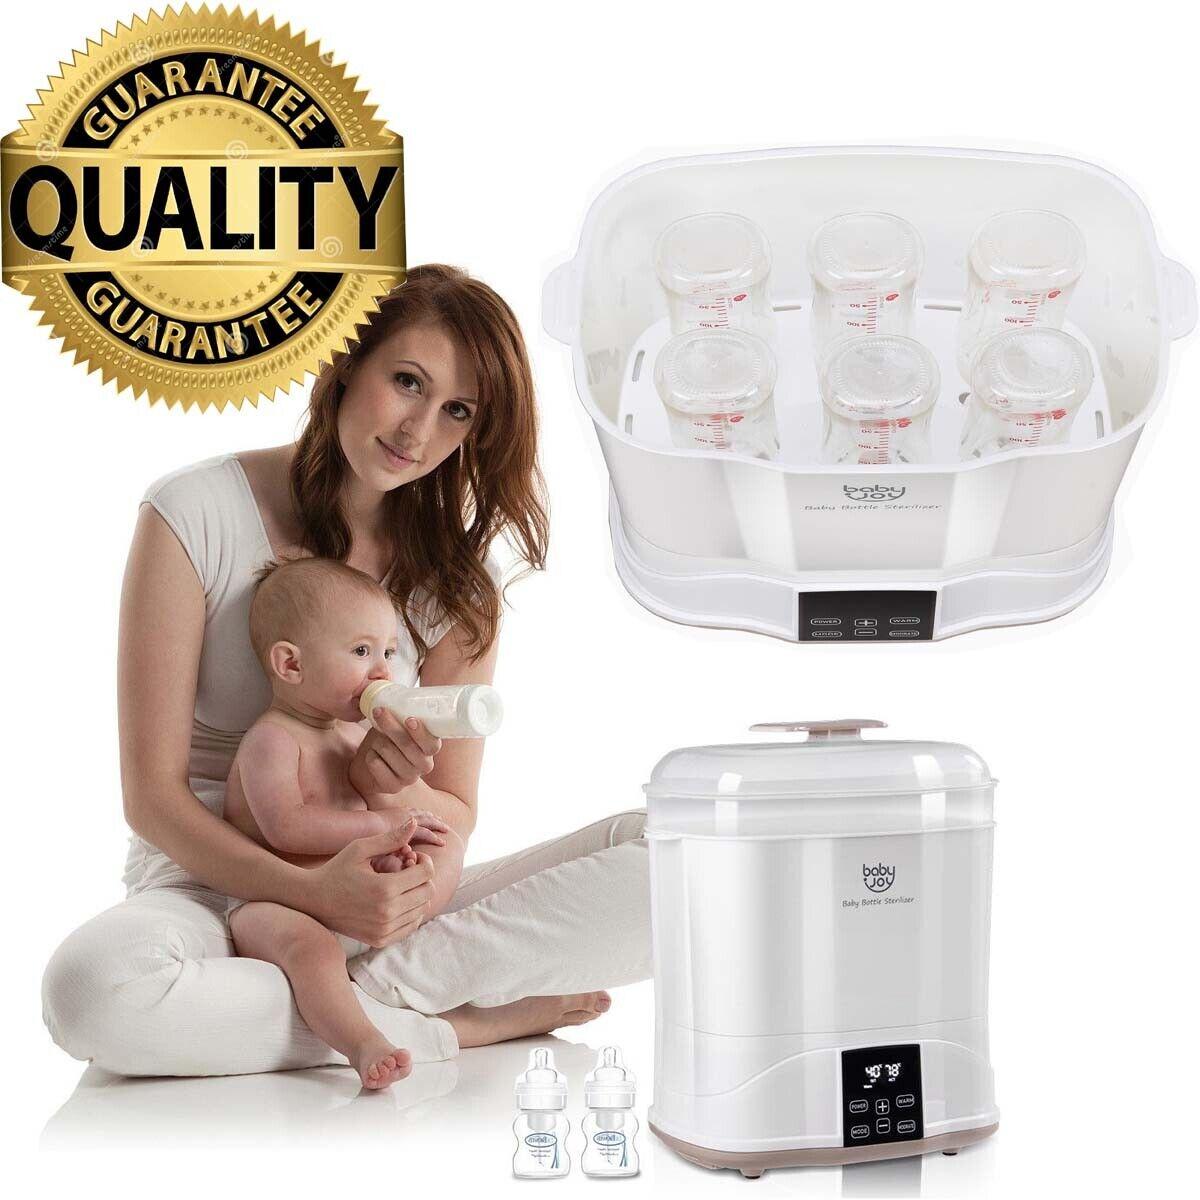 Milk Warmer Baby Bottle Electric Steam Sterilizer Cleaner Dr